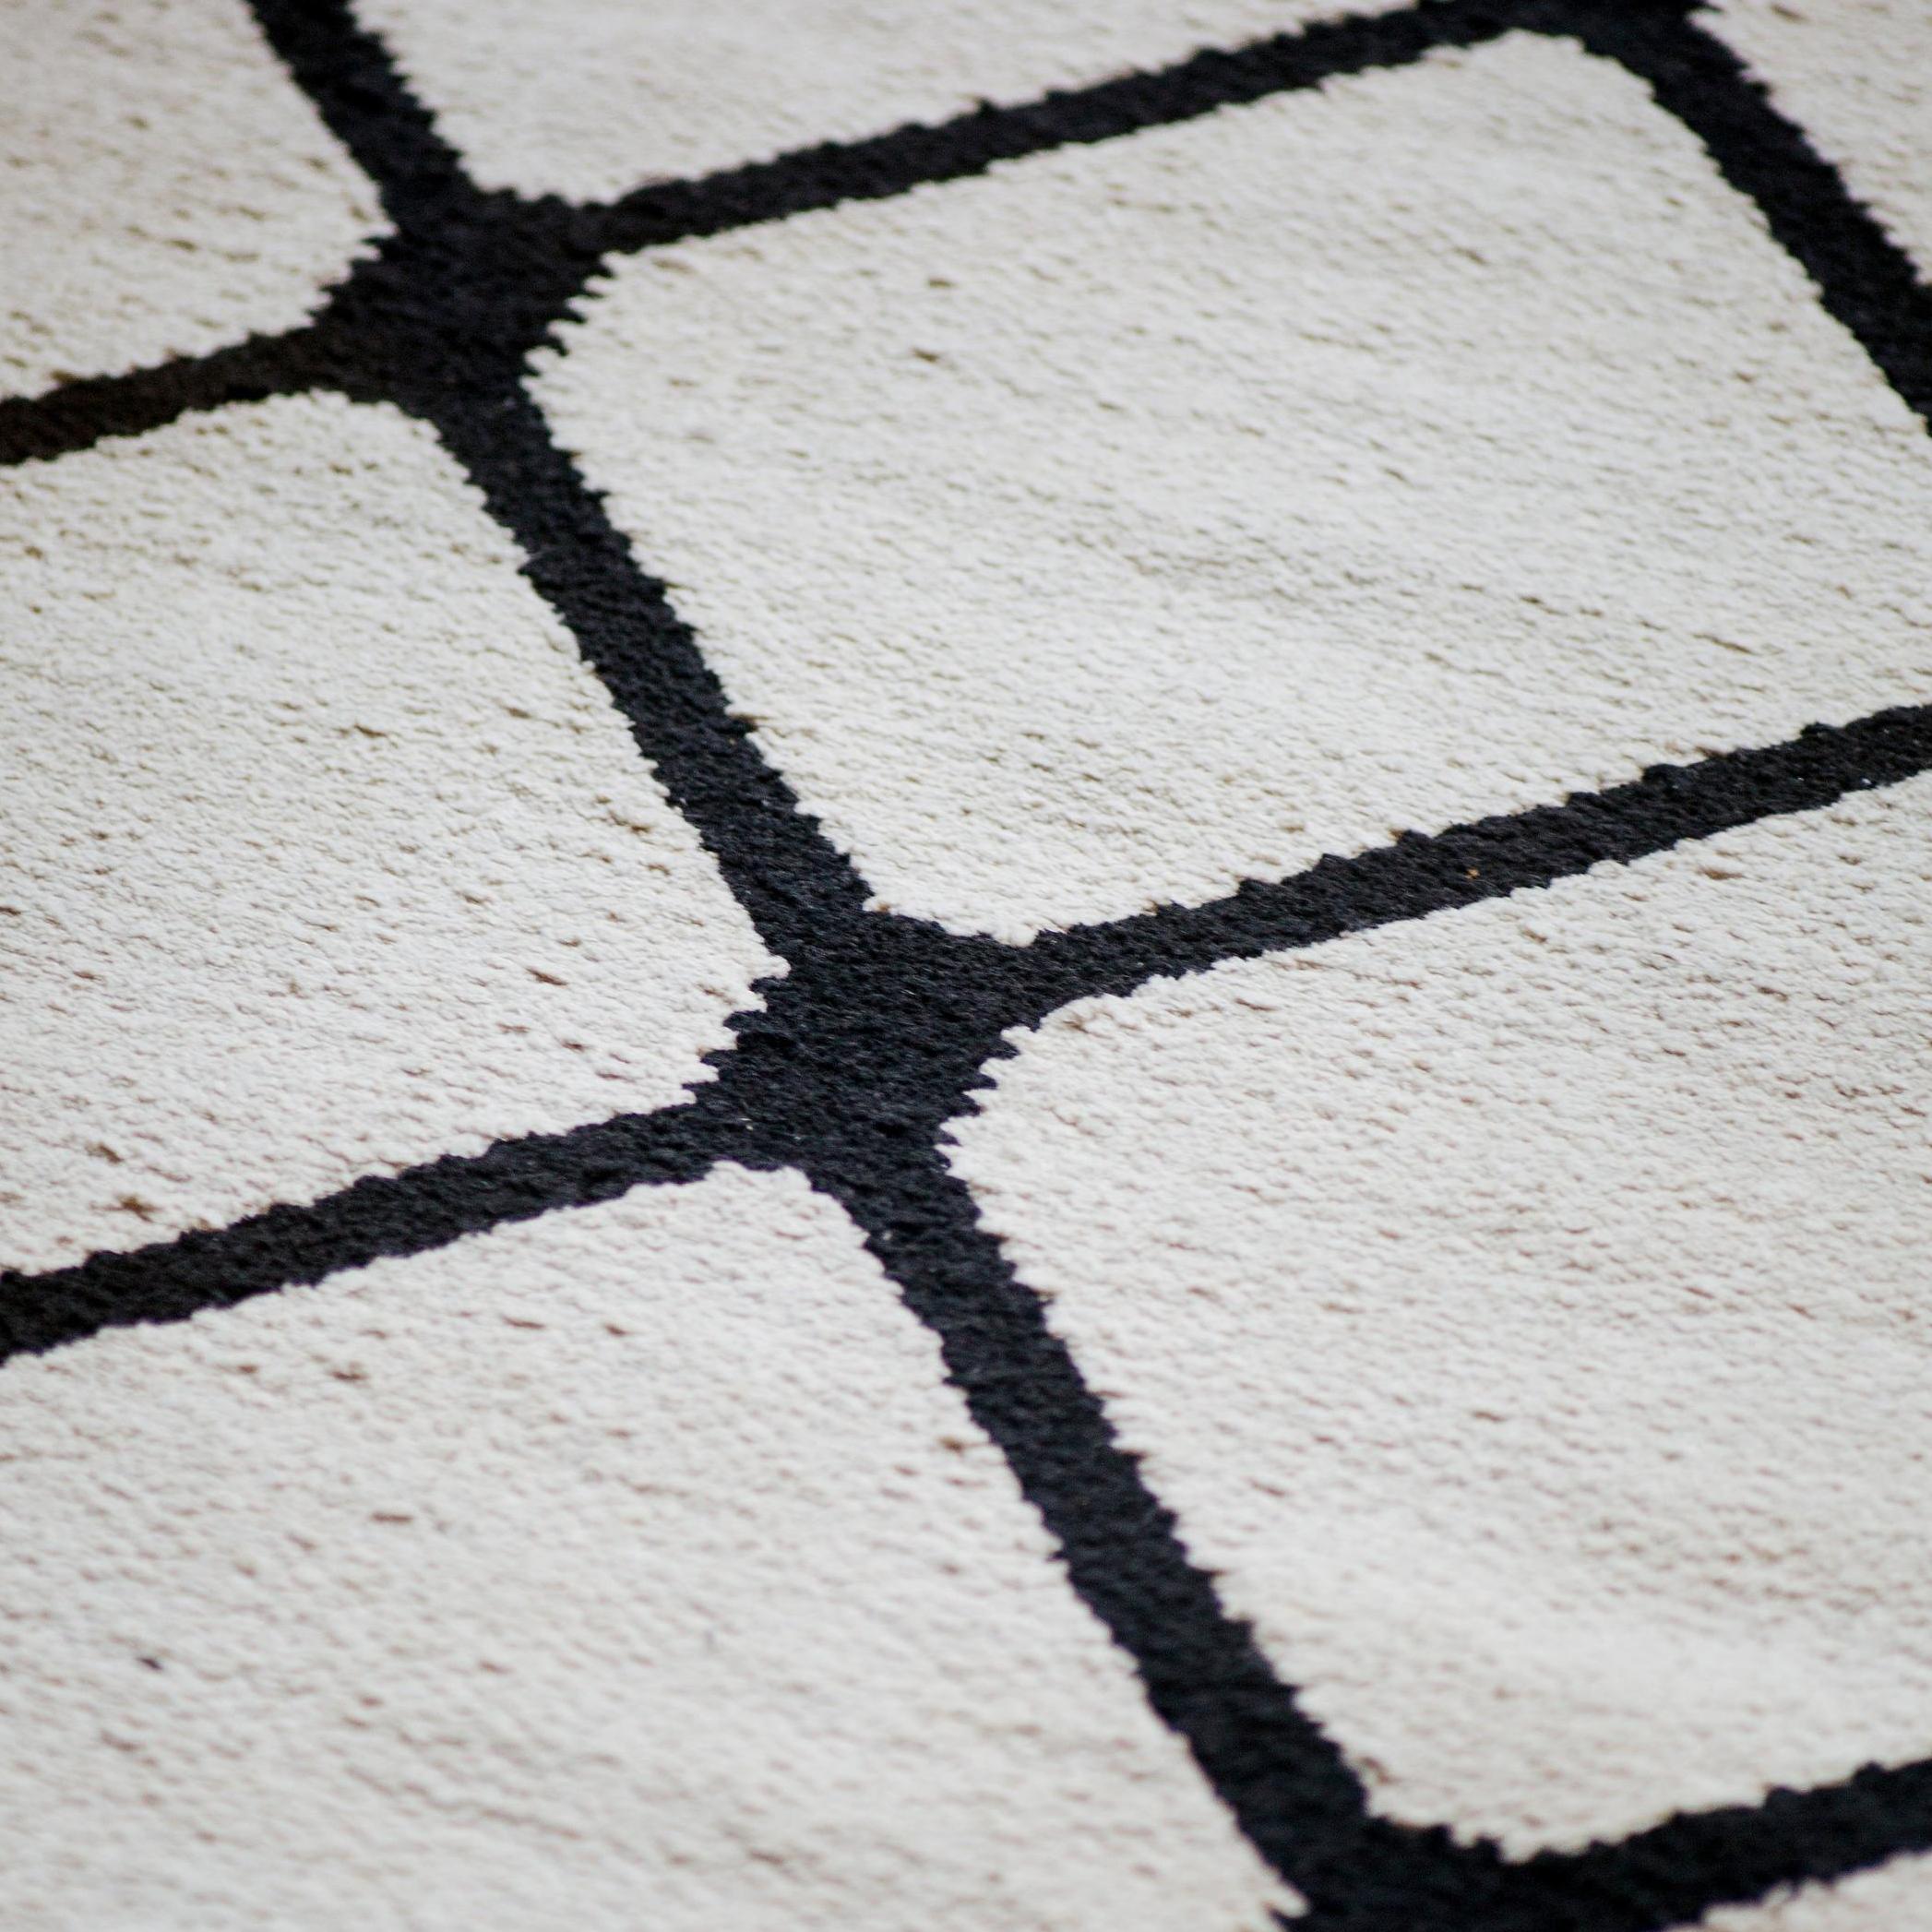 Tapete pino 1,60 x 2m preto e branco